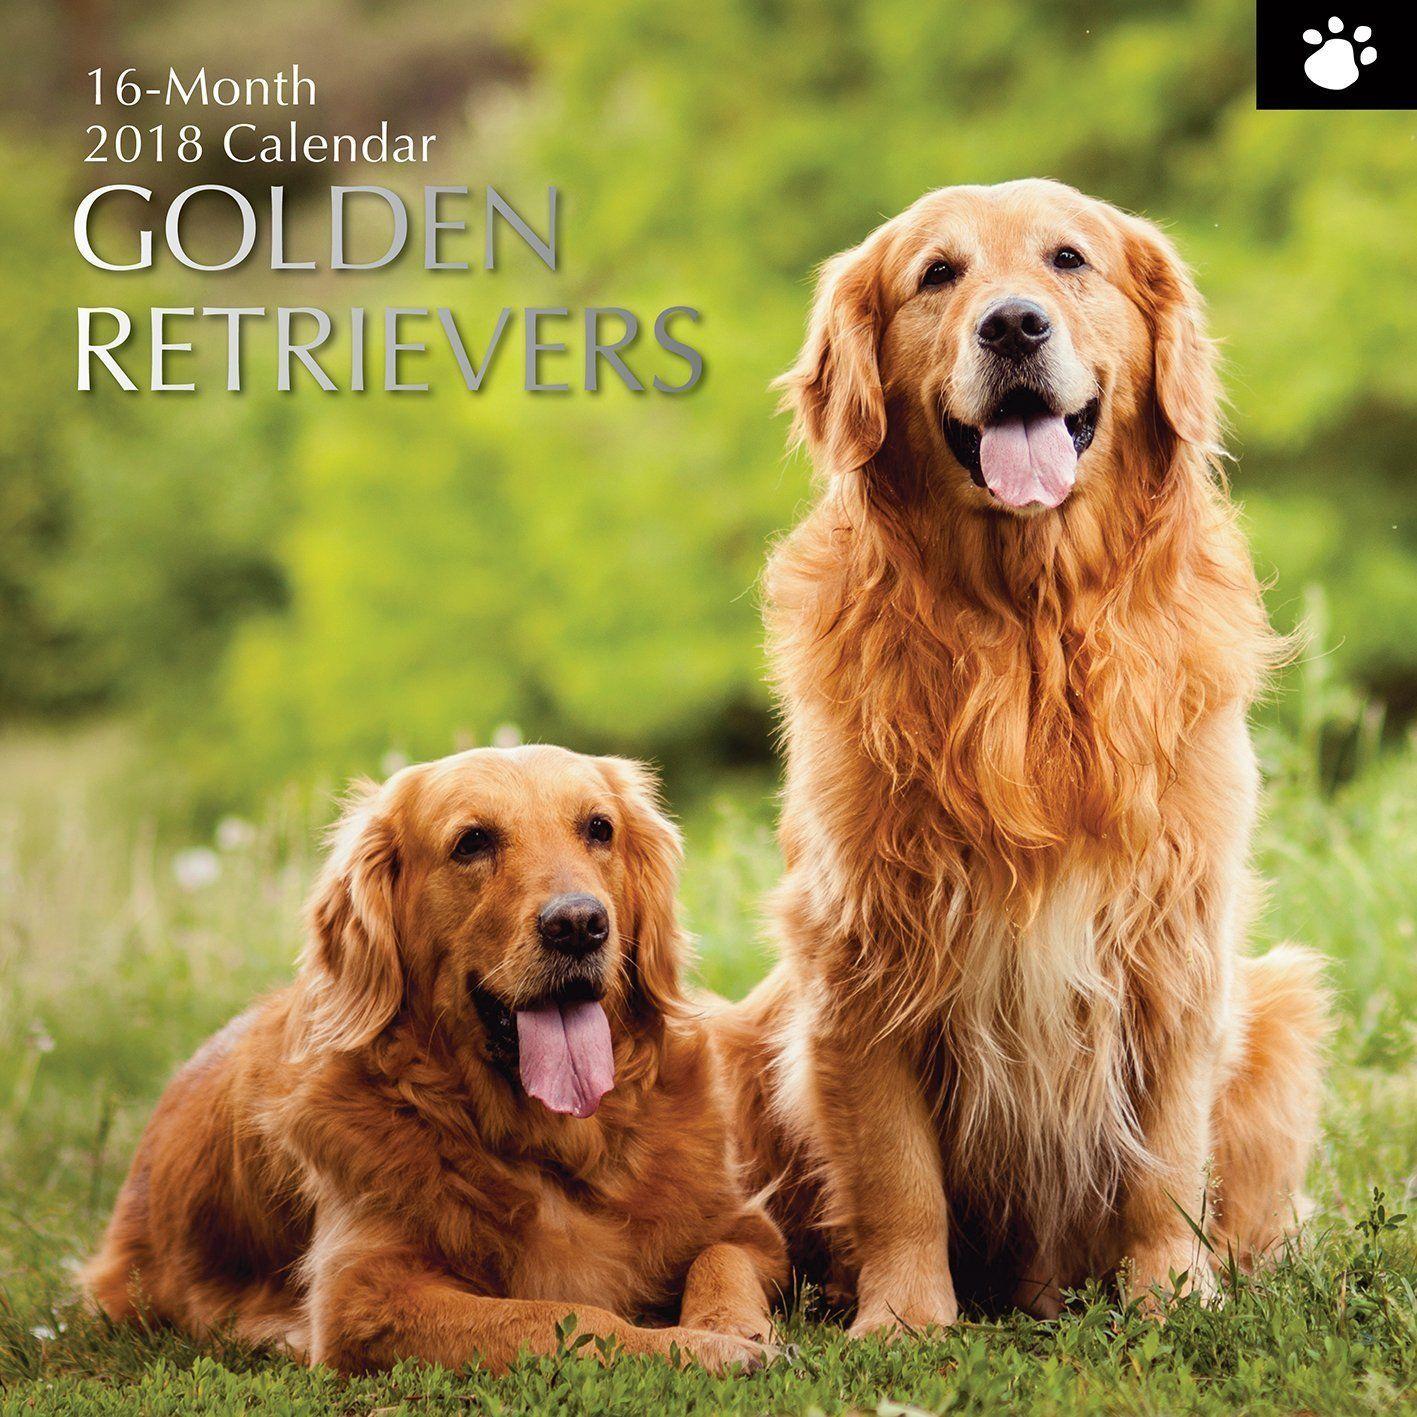 12 95 Golden Retrievers 2018 Wall Calendar Brand Dogs